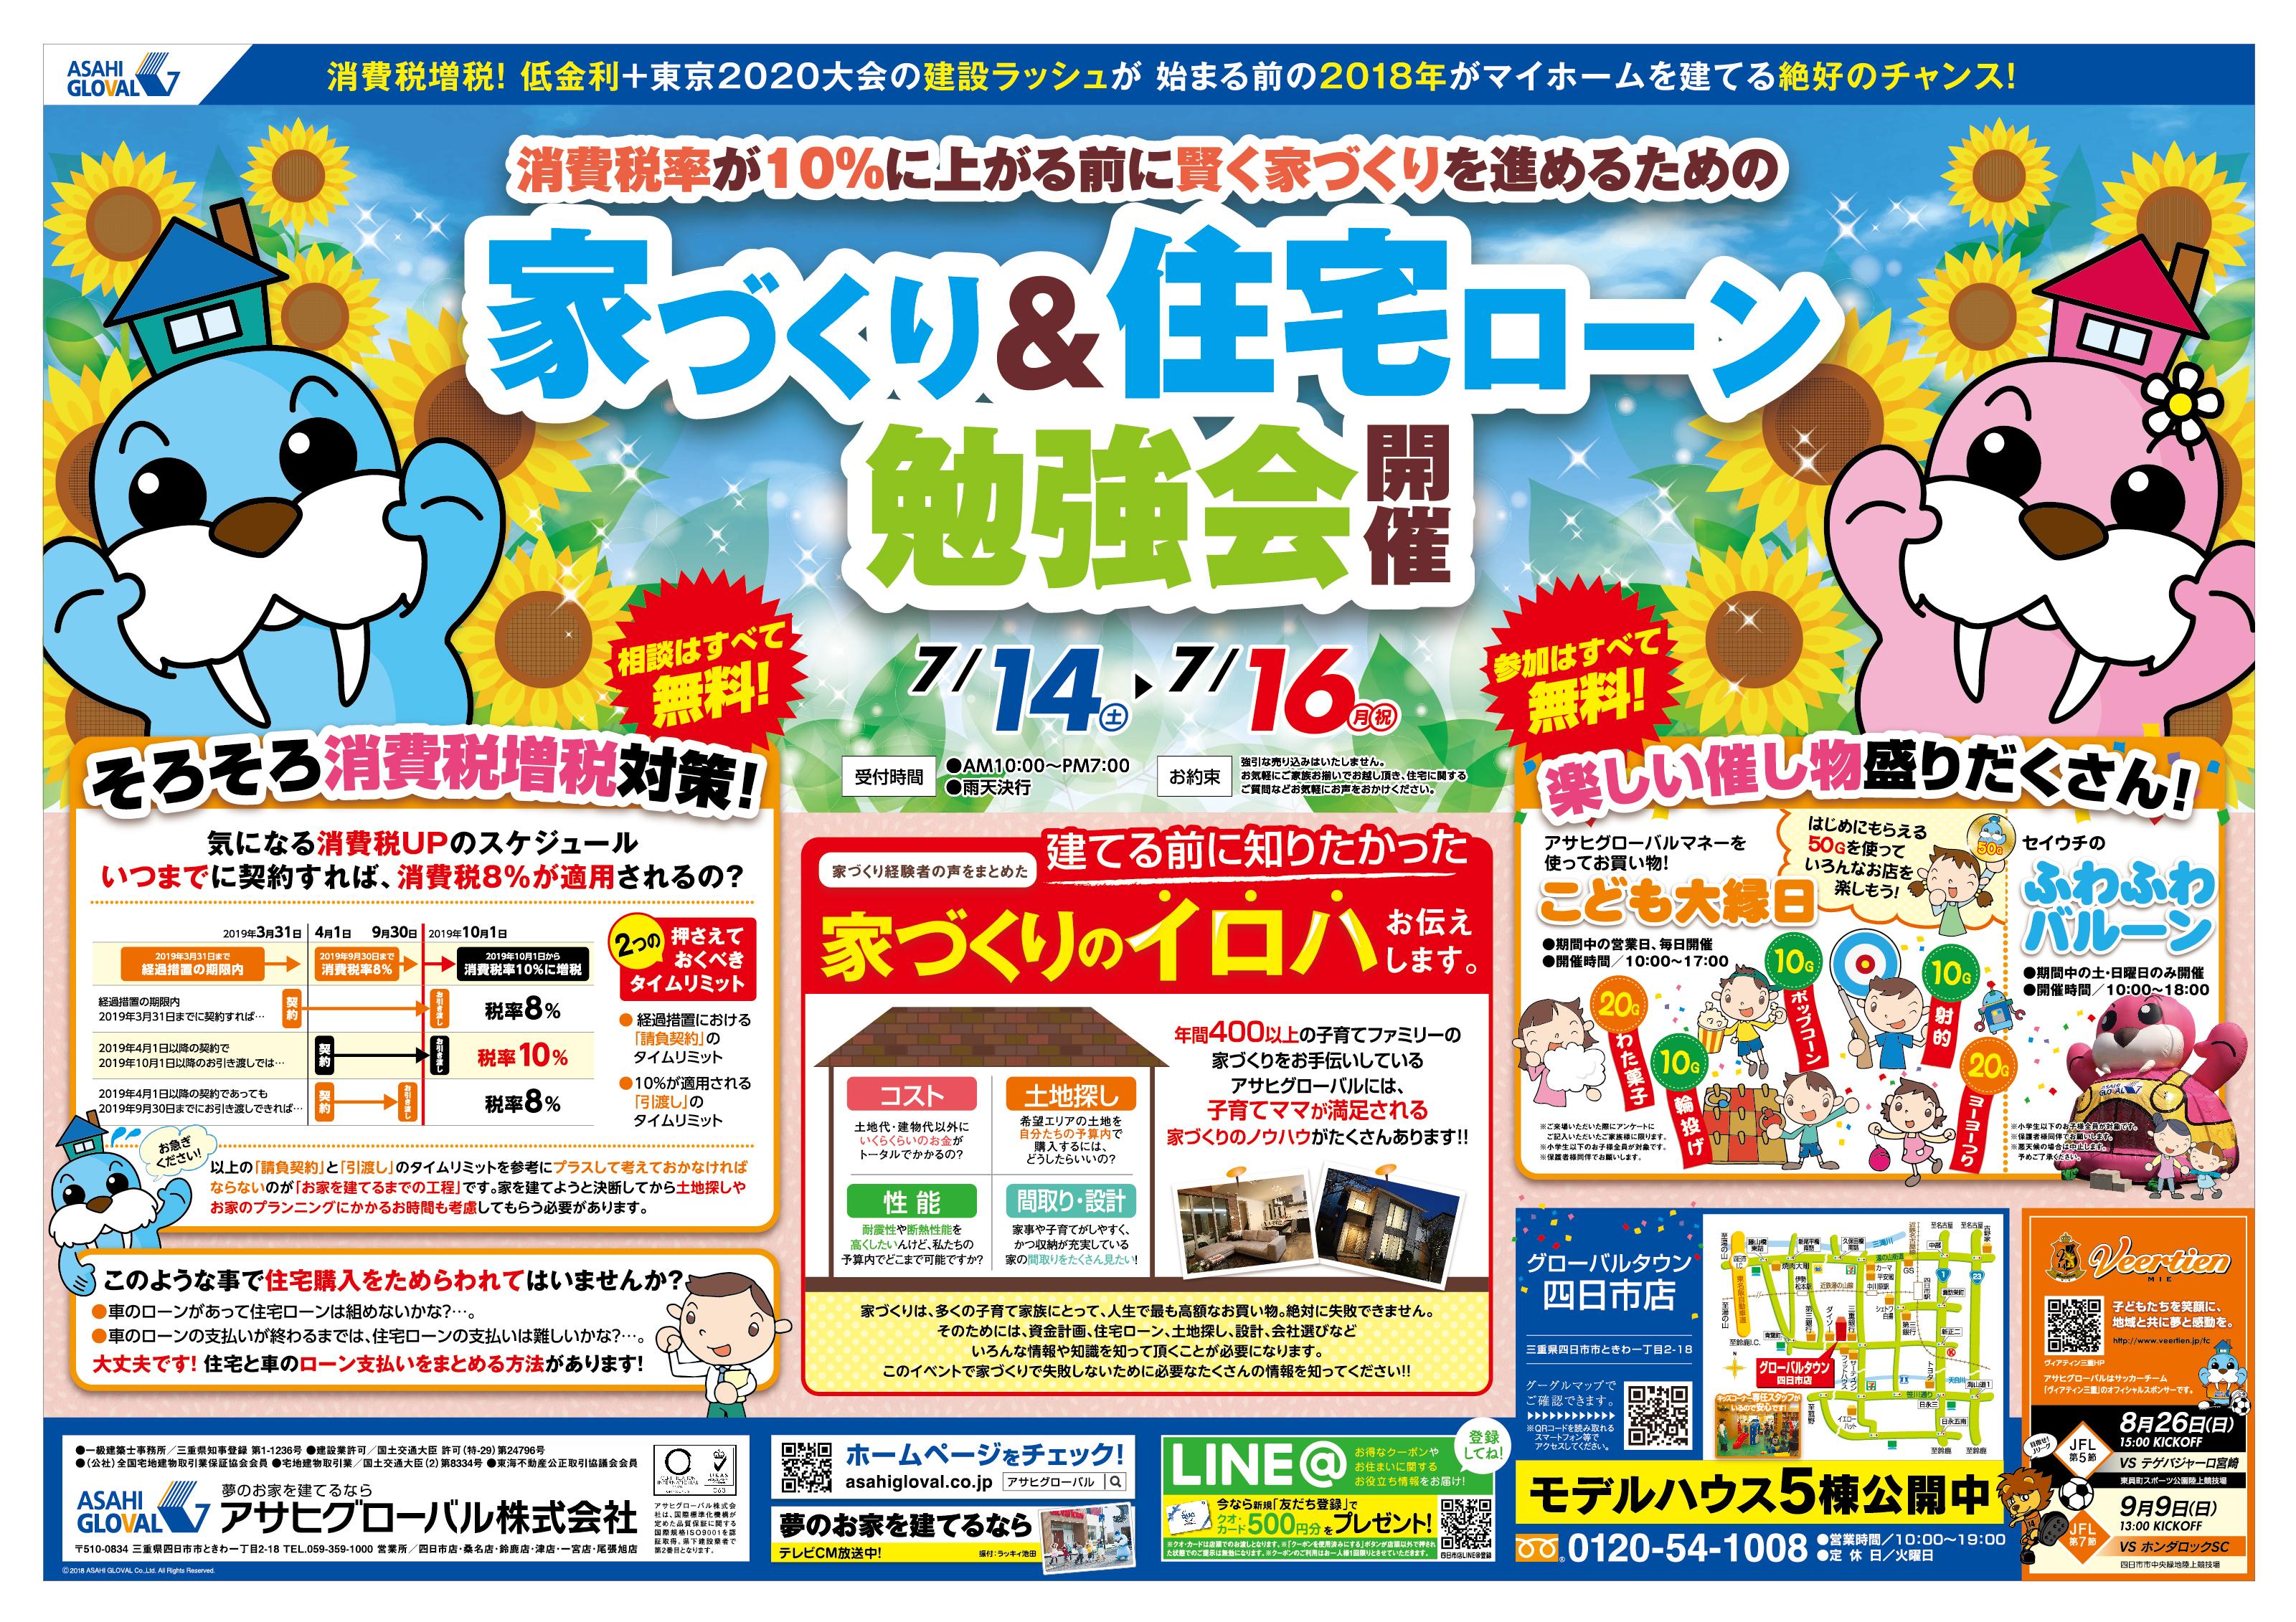 【グローバルタウン四日市店】家づくり&住宅ローン勉強会 開催!